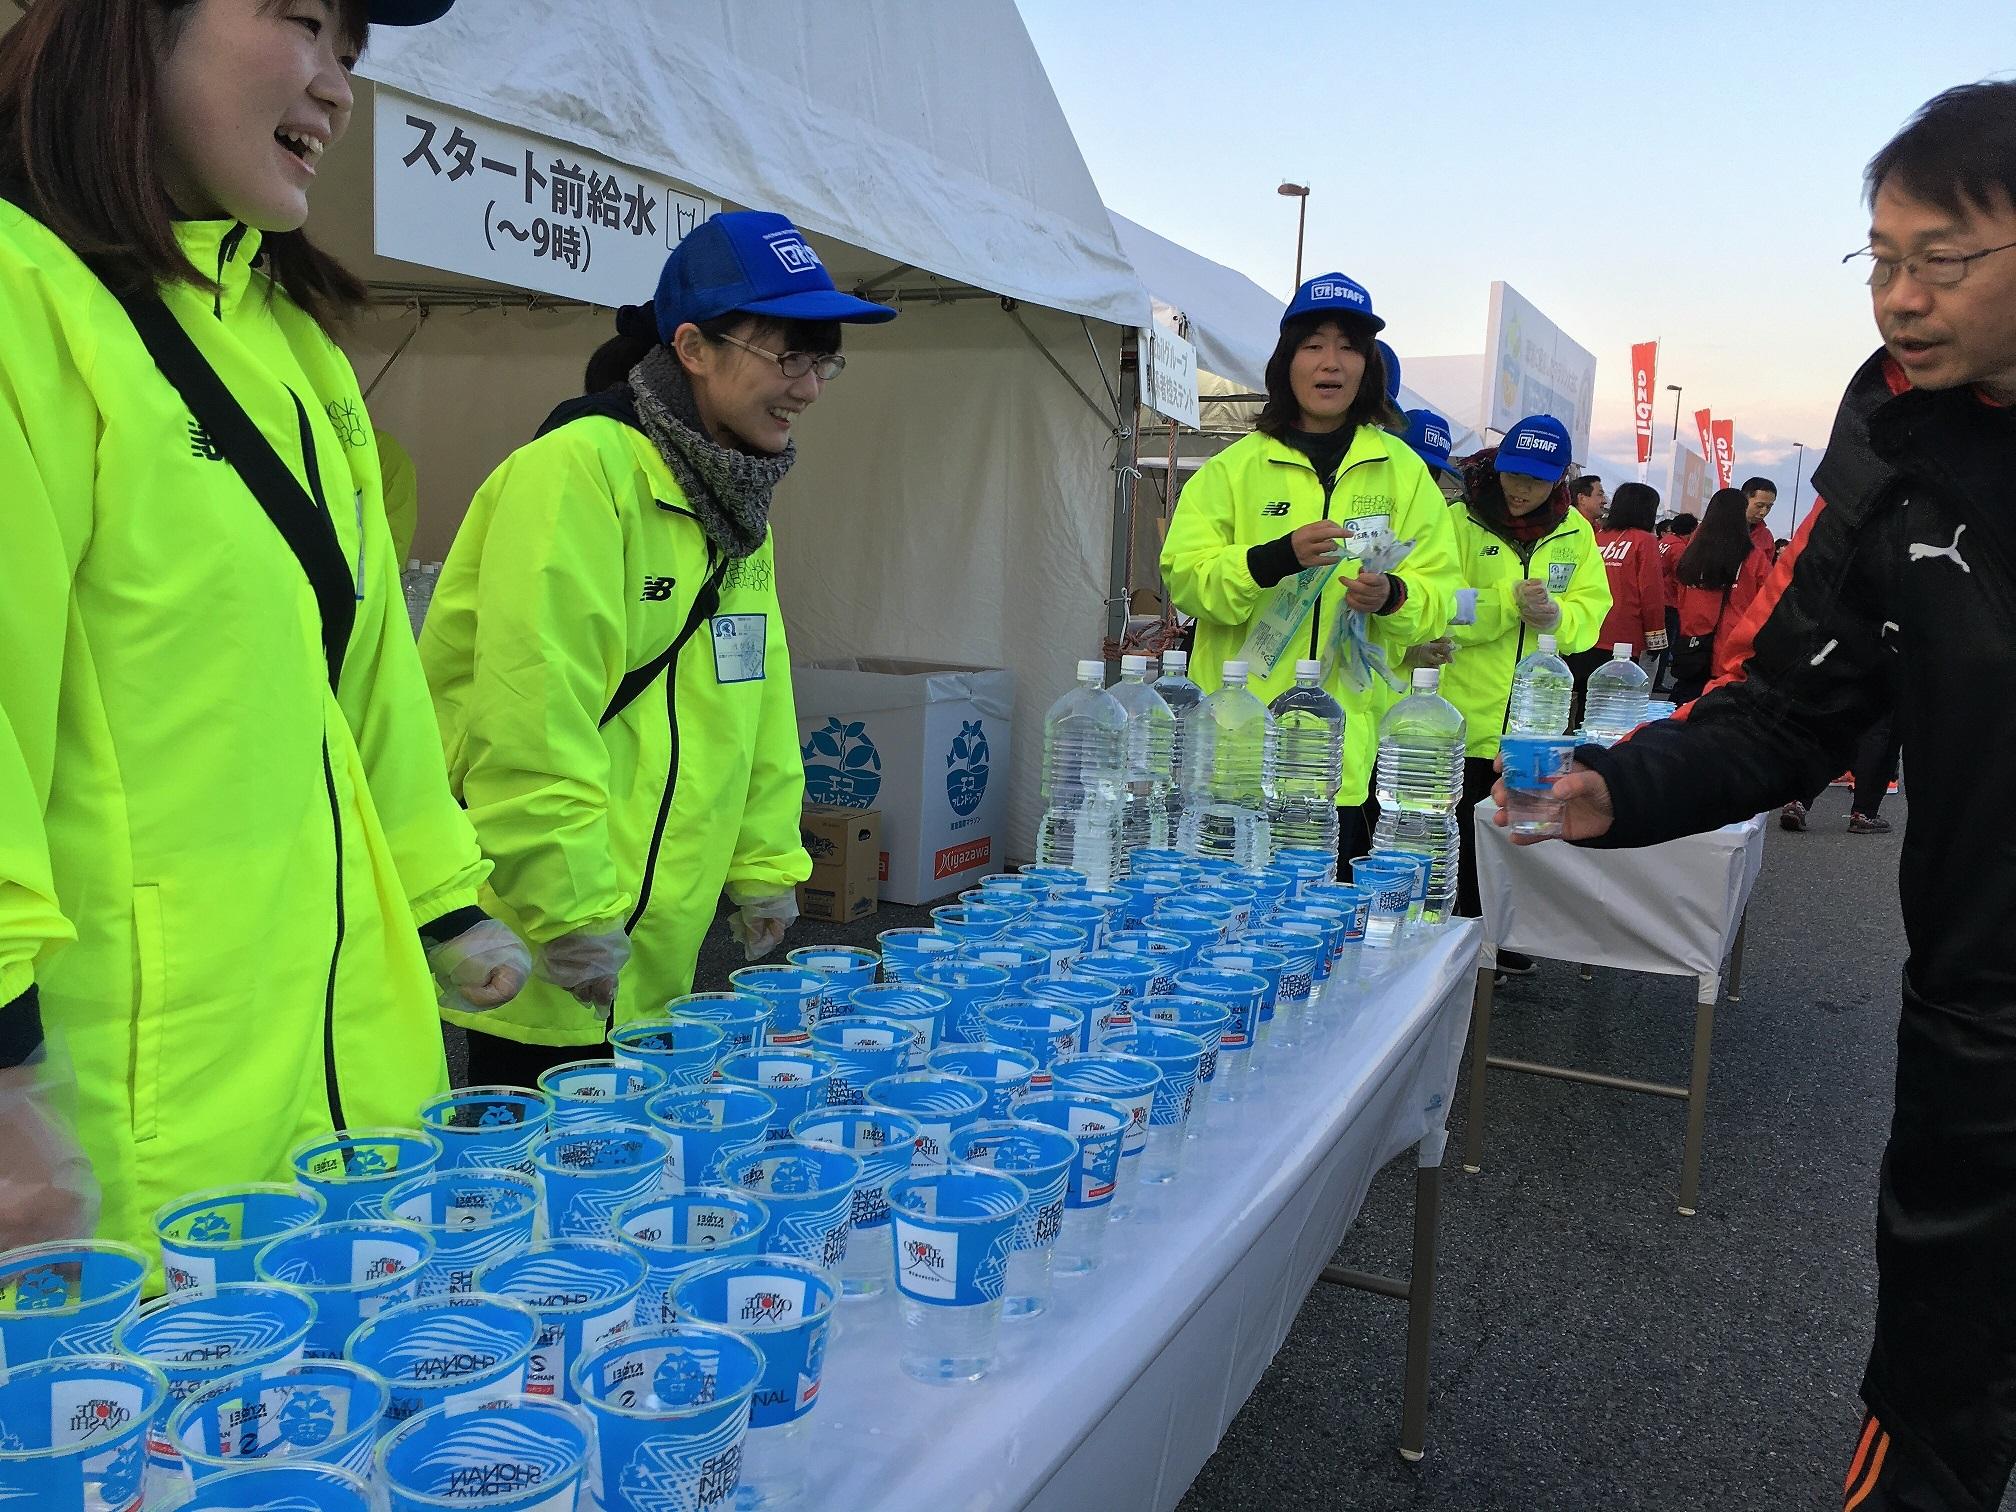 協栄産業 ジャパンテック PETボトル ペットボトル リサイクル 湘南国際マラソン 湘南マラソン 給水コップ 給水カップ エコフレ エコ・フレンドシップ 資源分別ステーション エコぬりえ教室 ボランティア CSR活動